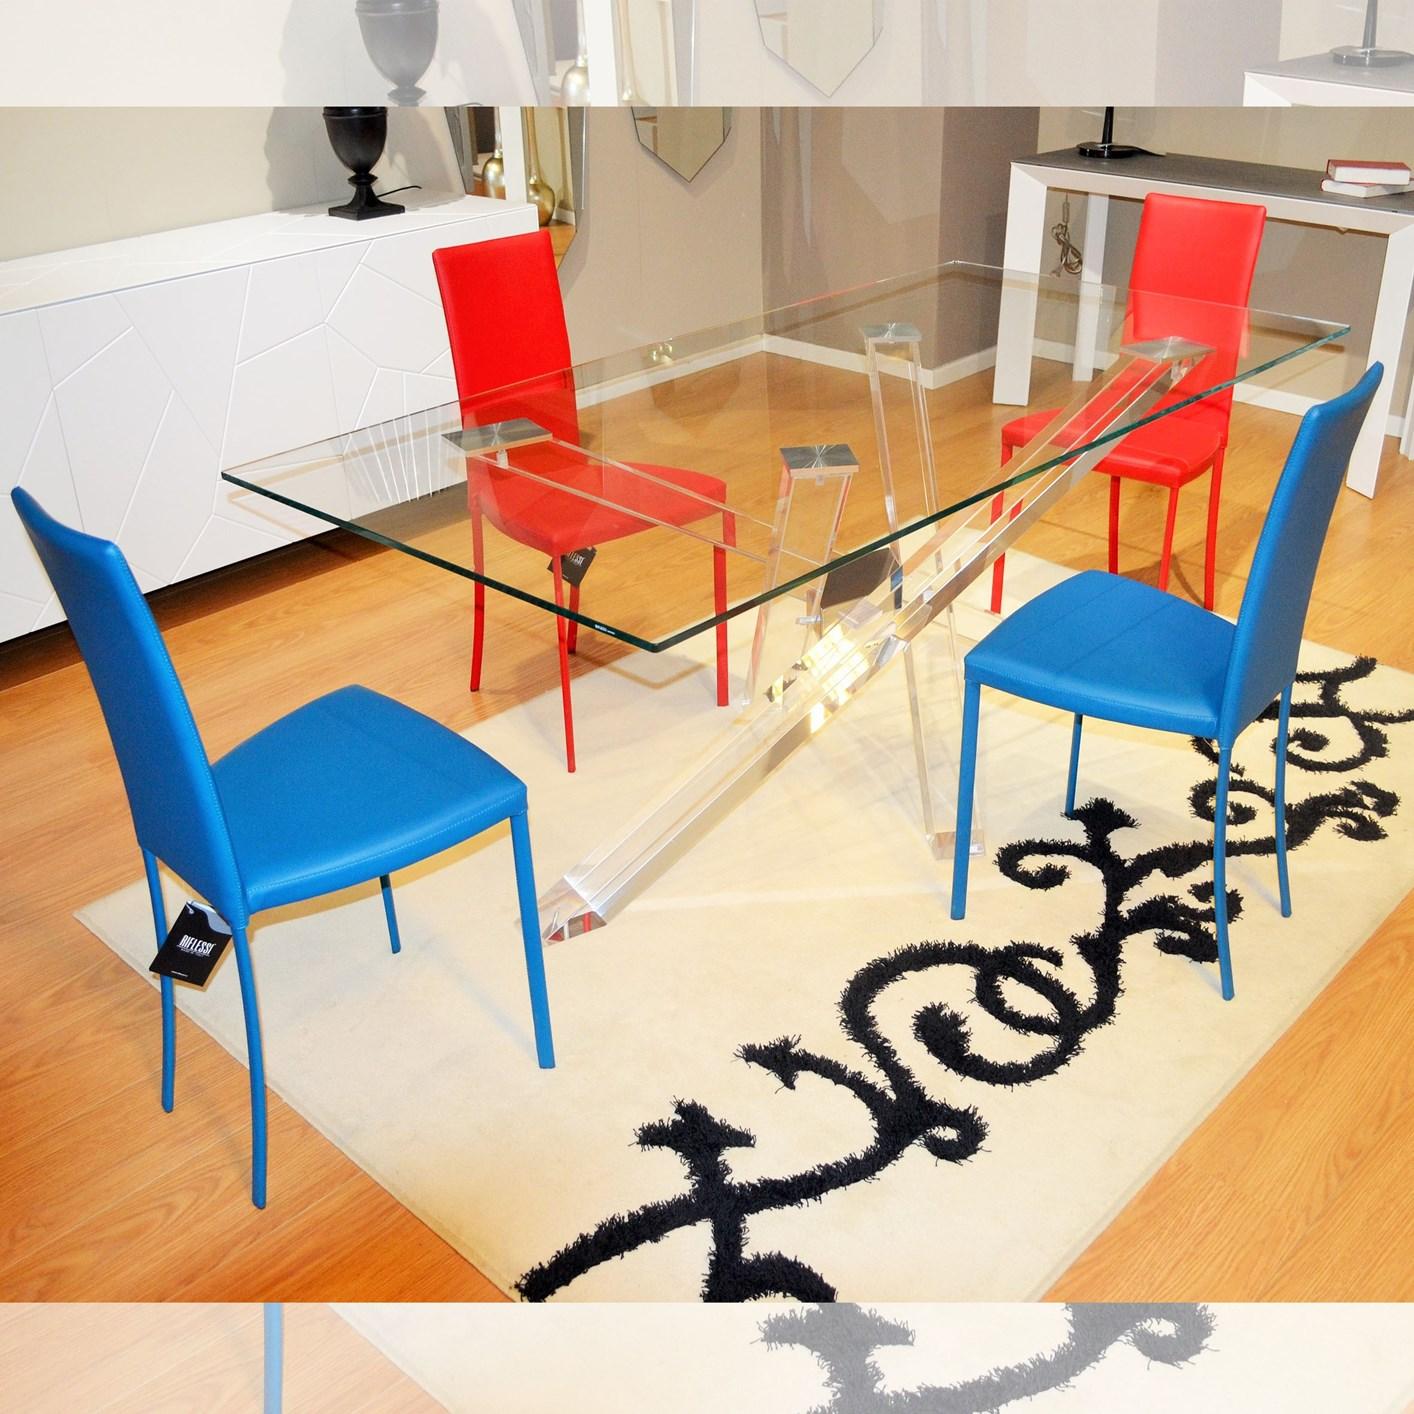 Arredamento per la casa e scelta del tipo di cucina. Centro Dell Arredamento Quiliano Archiproducts